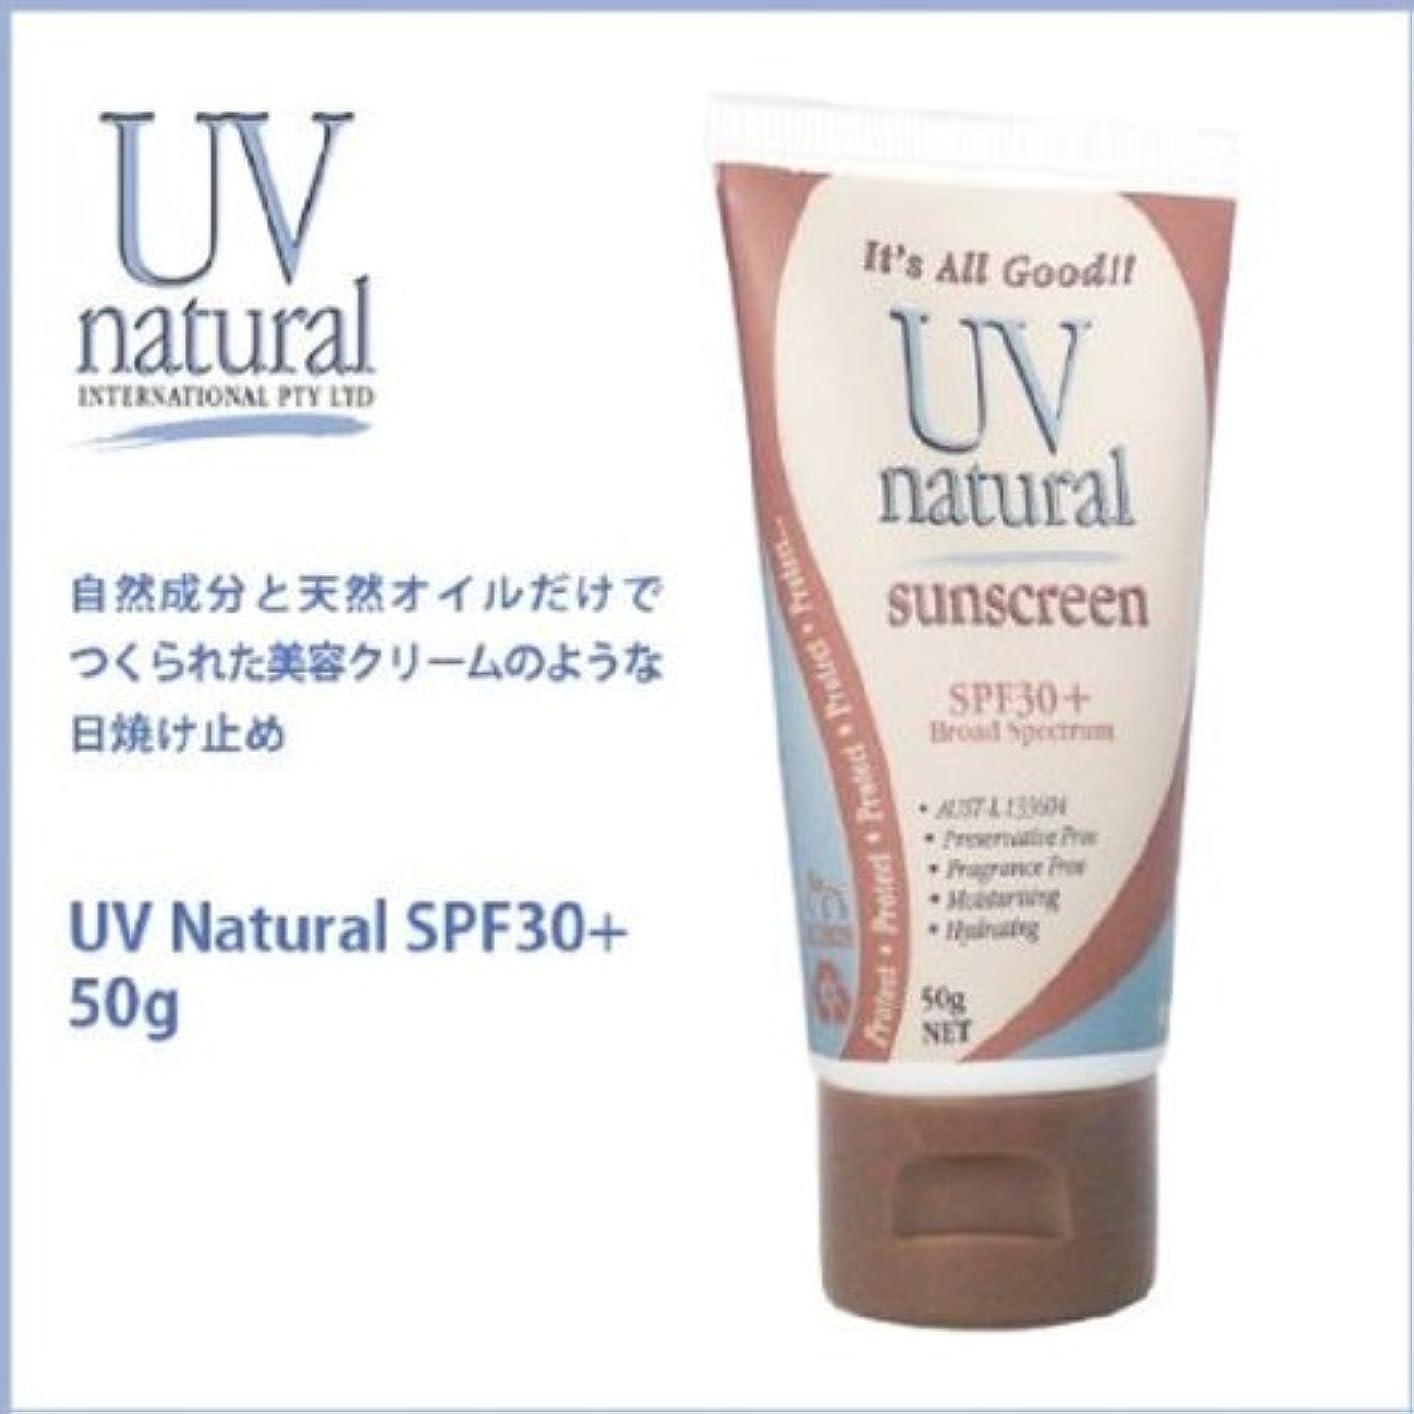 シンジケート入るバックグラウンド【UV NATURAL】日焼け止め Natural SPF30+ 50g 3本セット